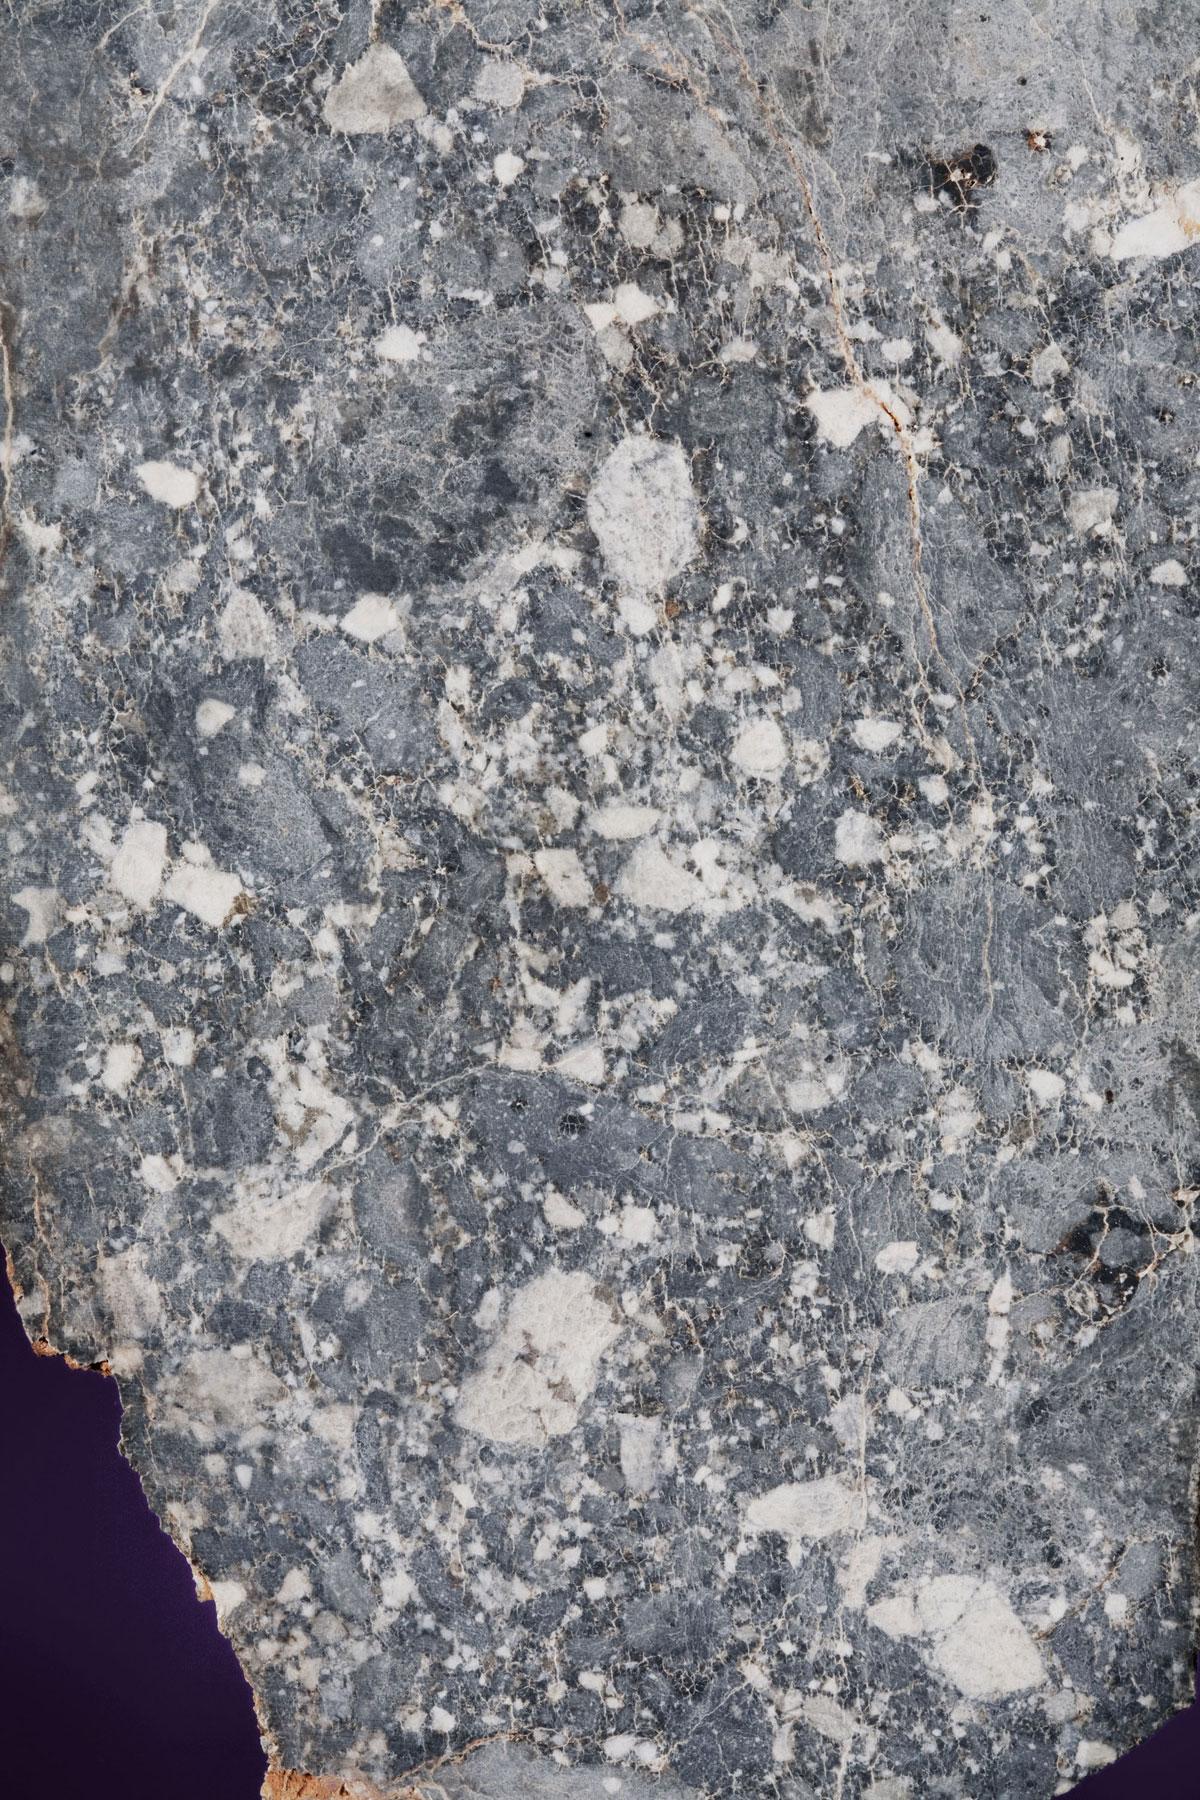 Lunar Meteorite Dar al Gani (DAG) 1058